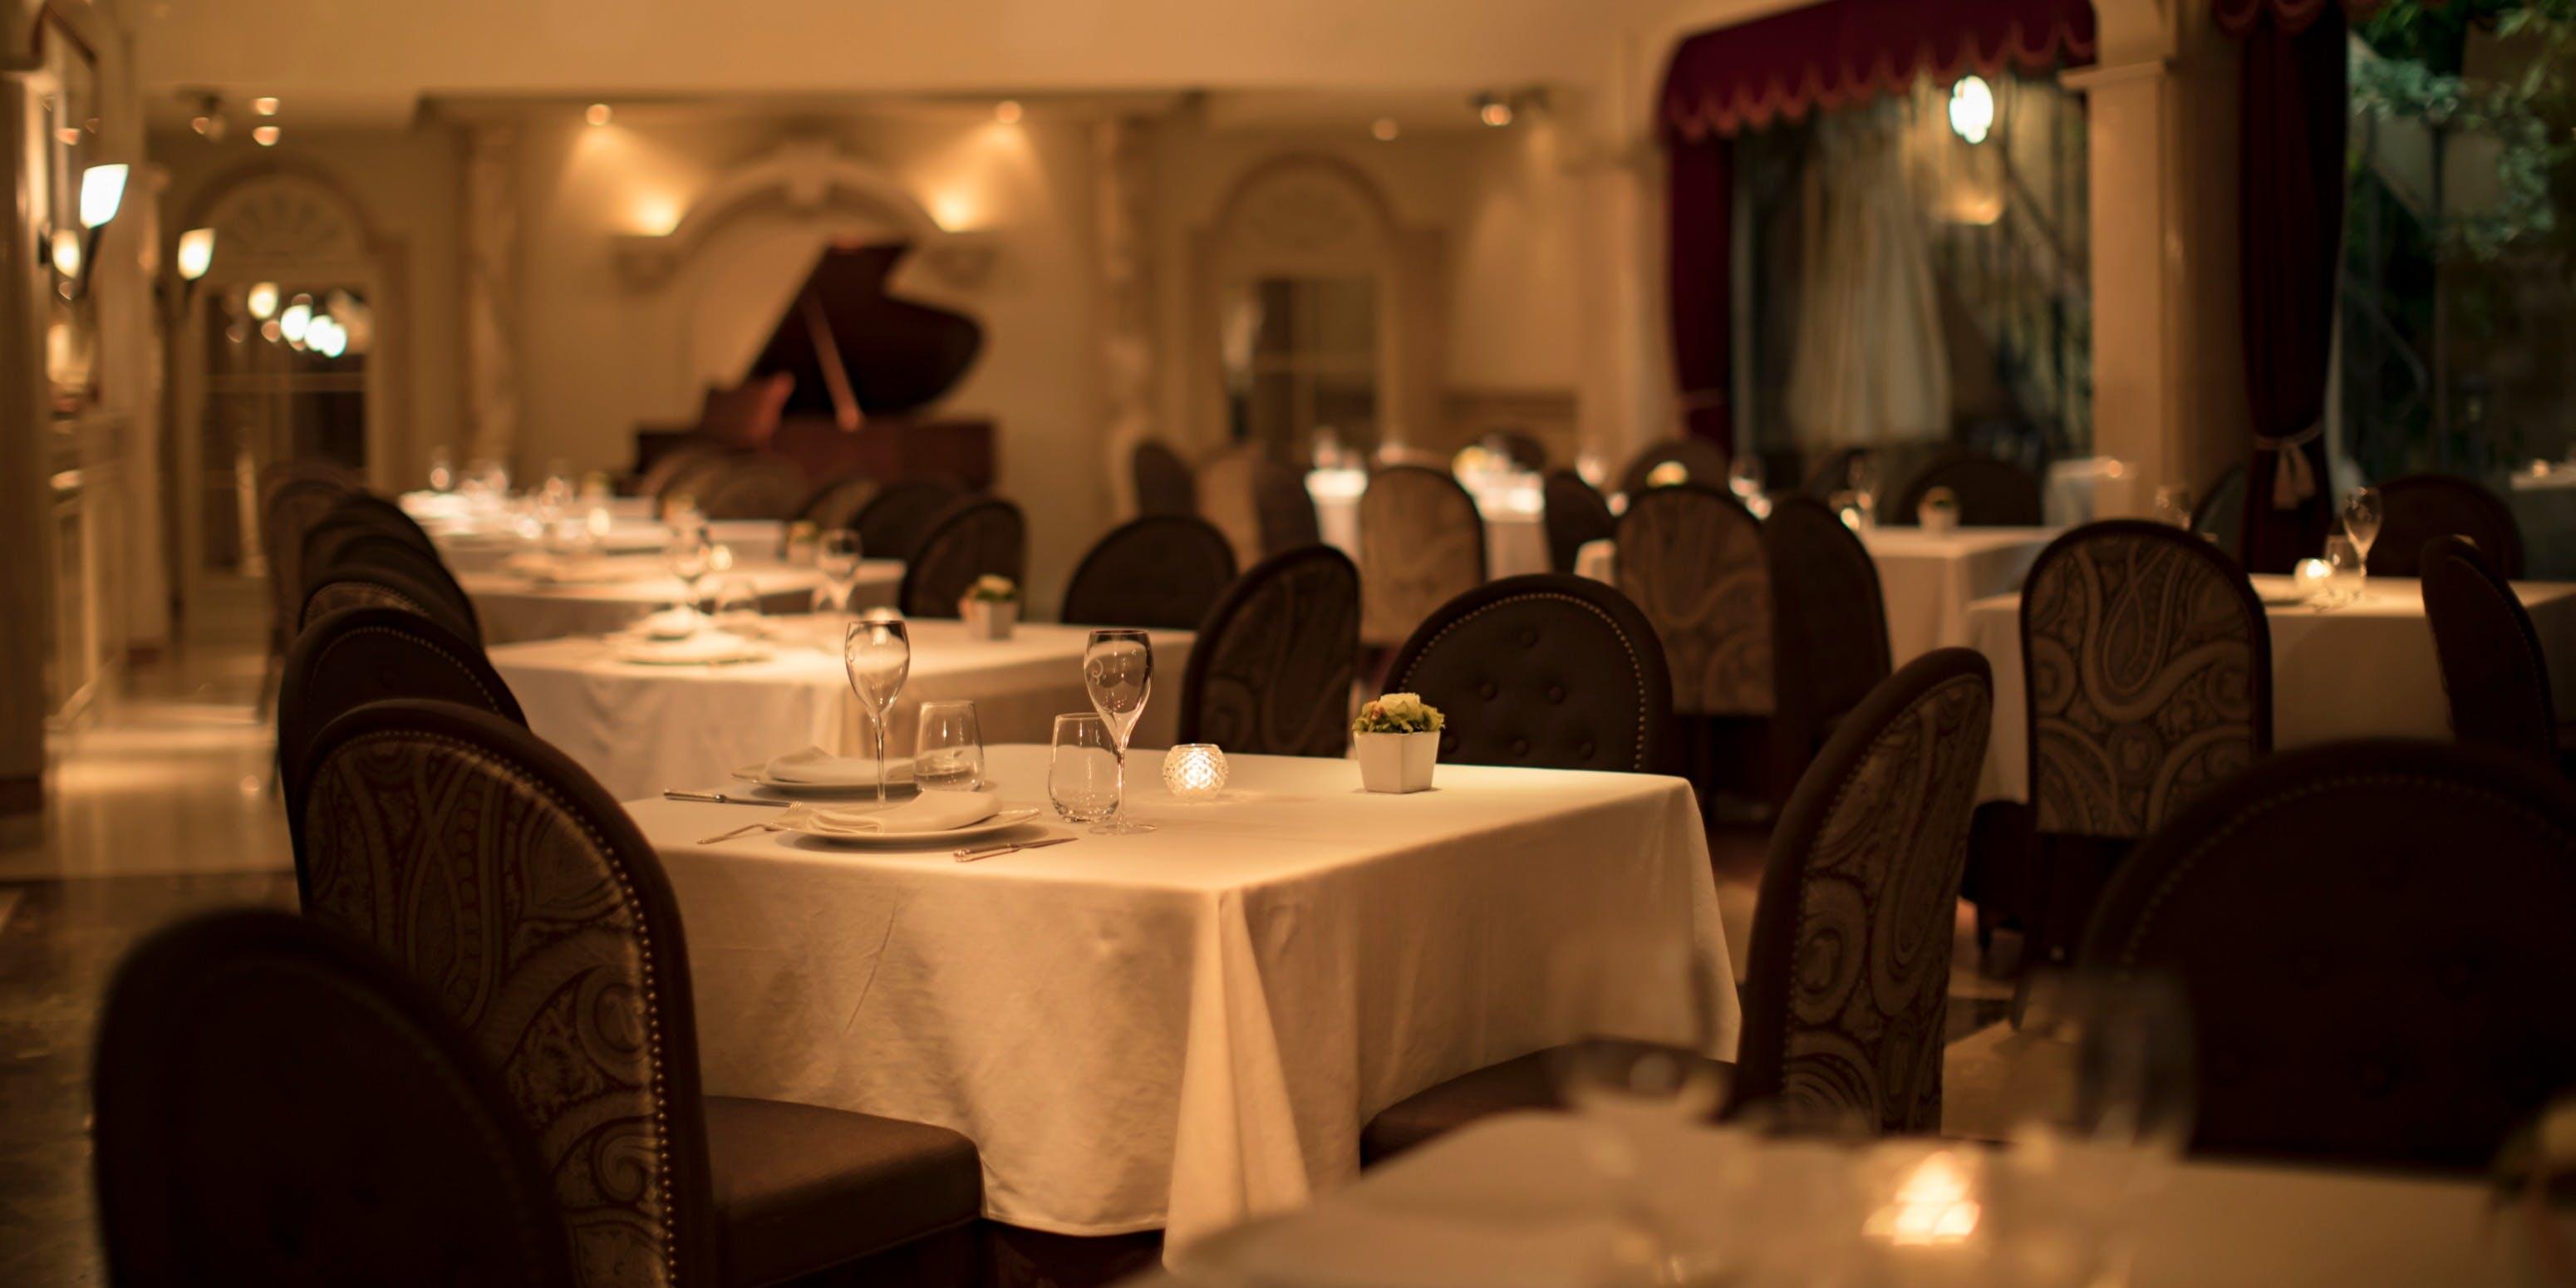 記念日におすすめのレストラン・Q.E.D. CLUBの写真2